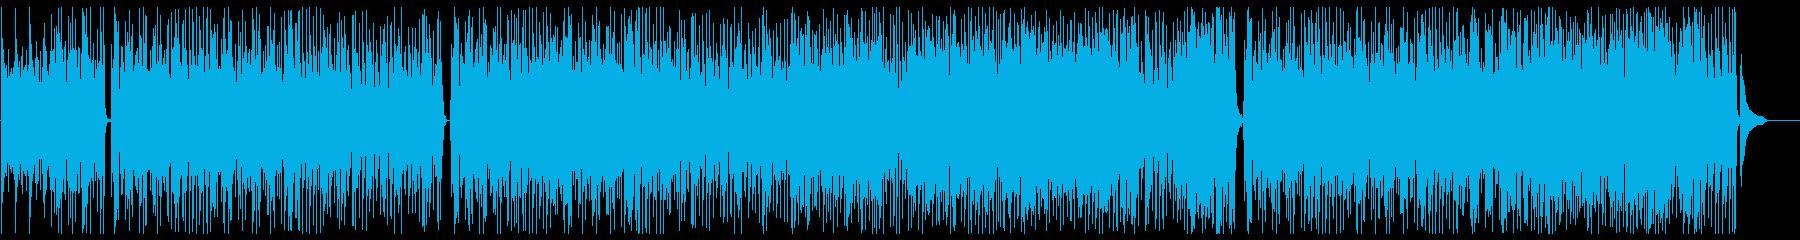 深夜2時のムード系フュージョンポップスの再生済みの波形